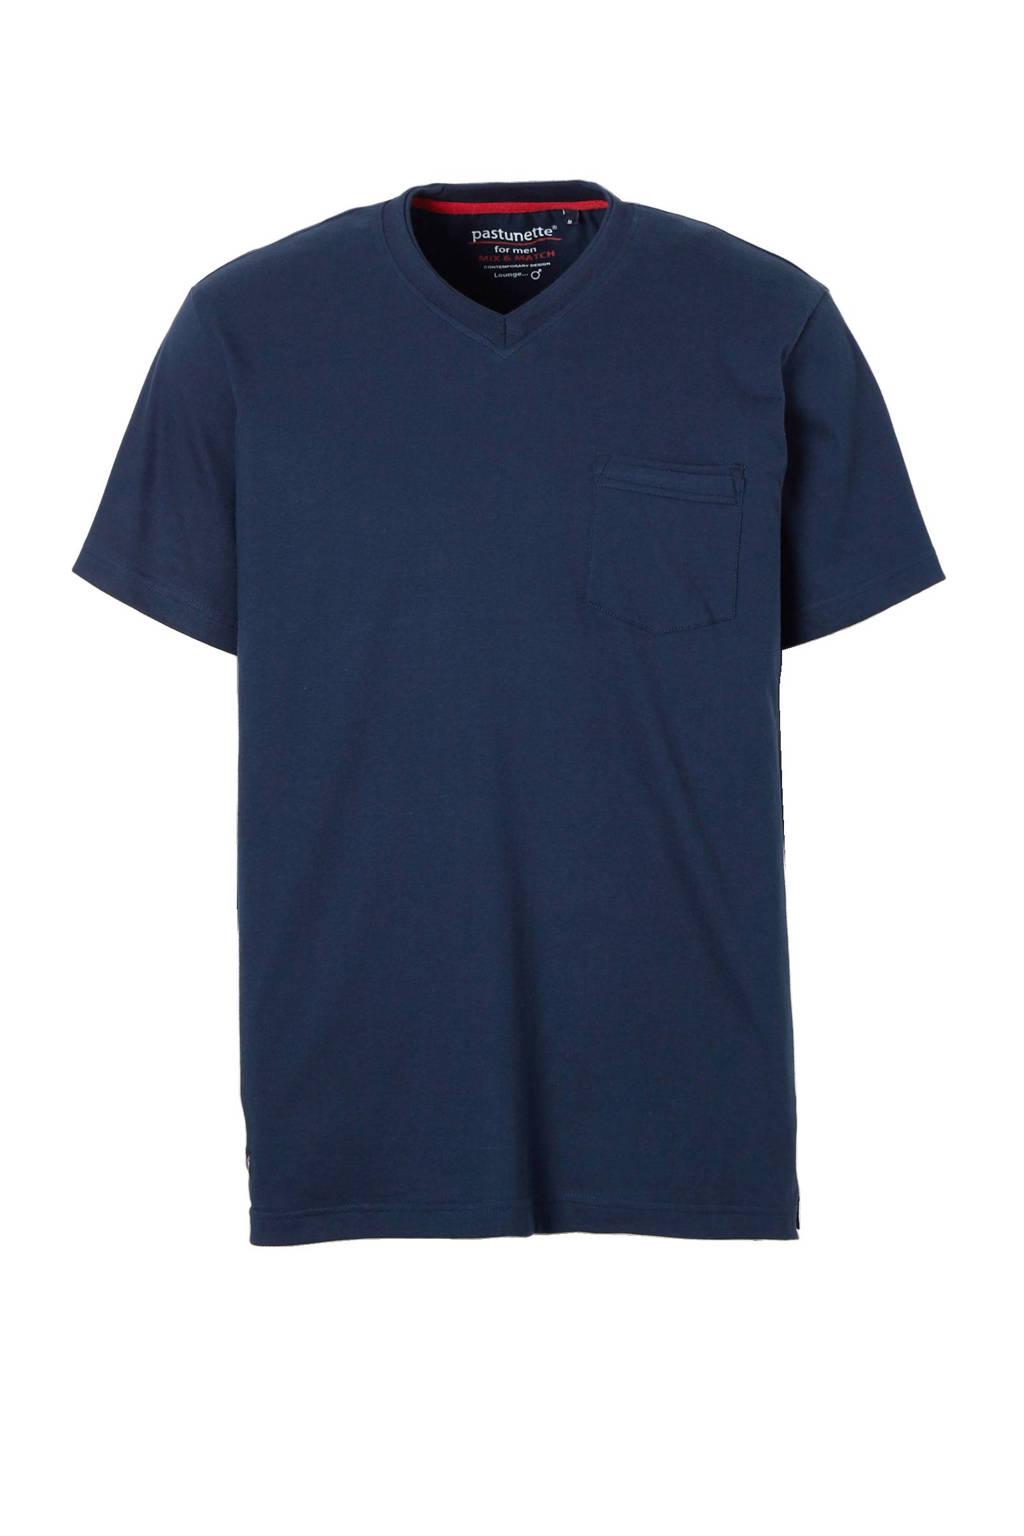 Pastunette for men pyjamatop, Blauw